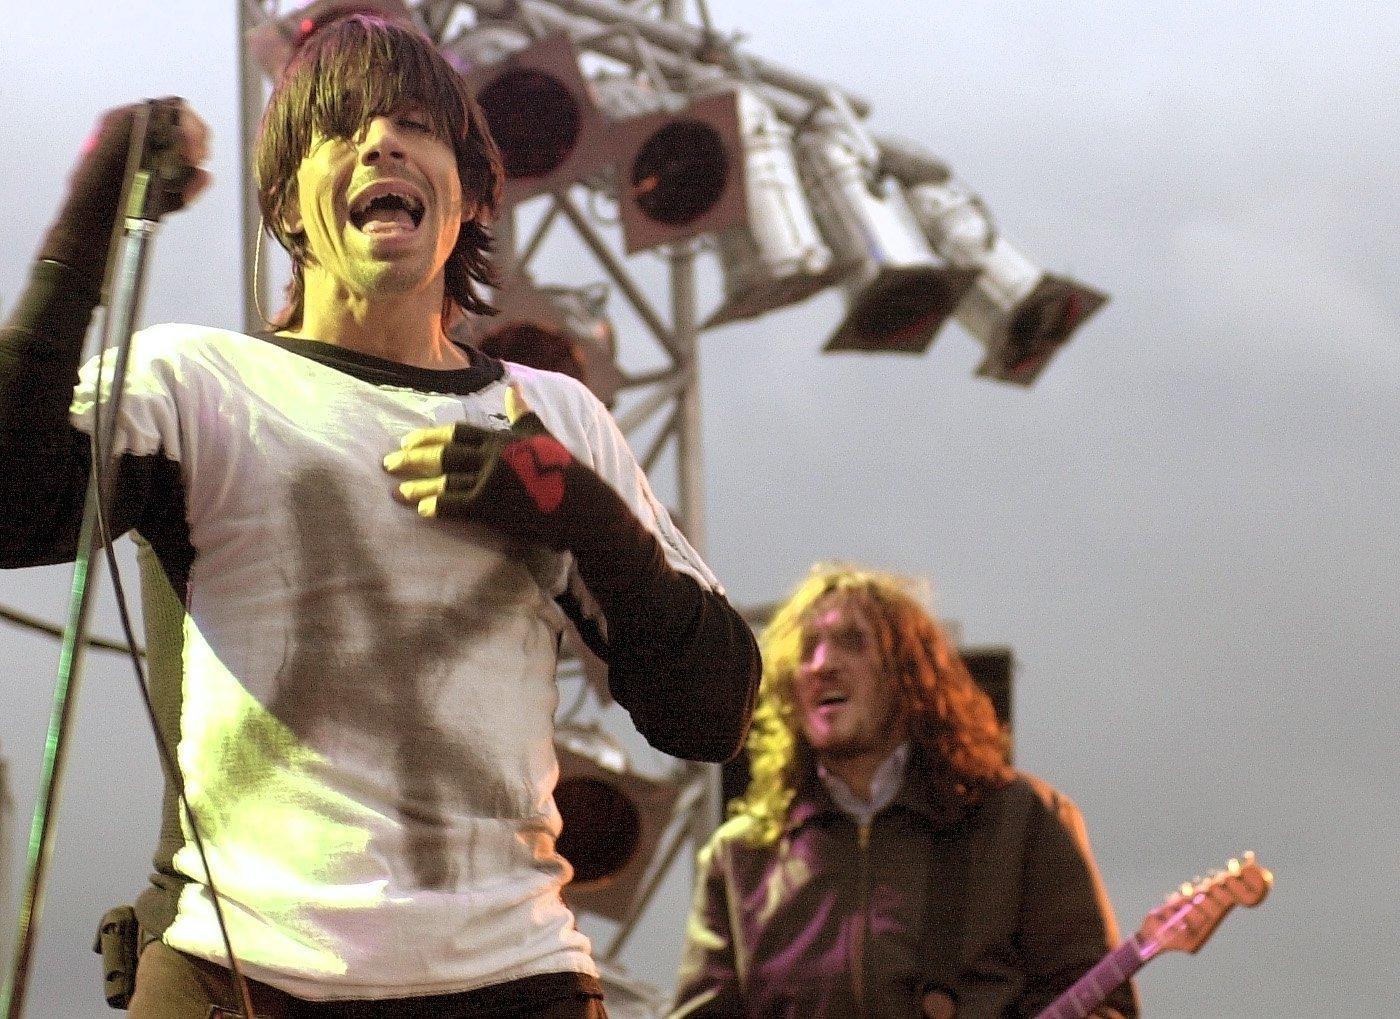 Der Sänger der amerikanischen Rockband 'Red Hot Chili Peppers', Anthony Kiedis singt am Freitag (07.06.2002) in Hamburg. Das